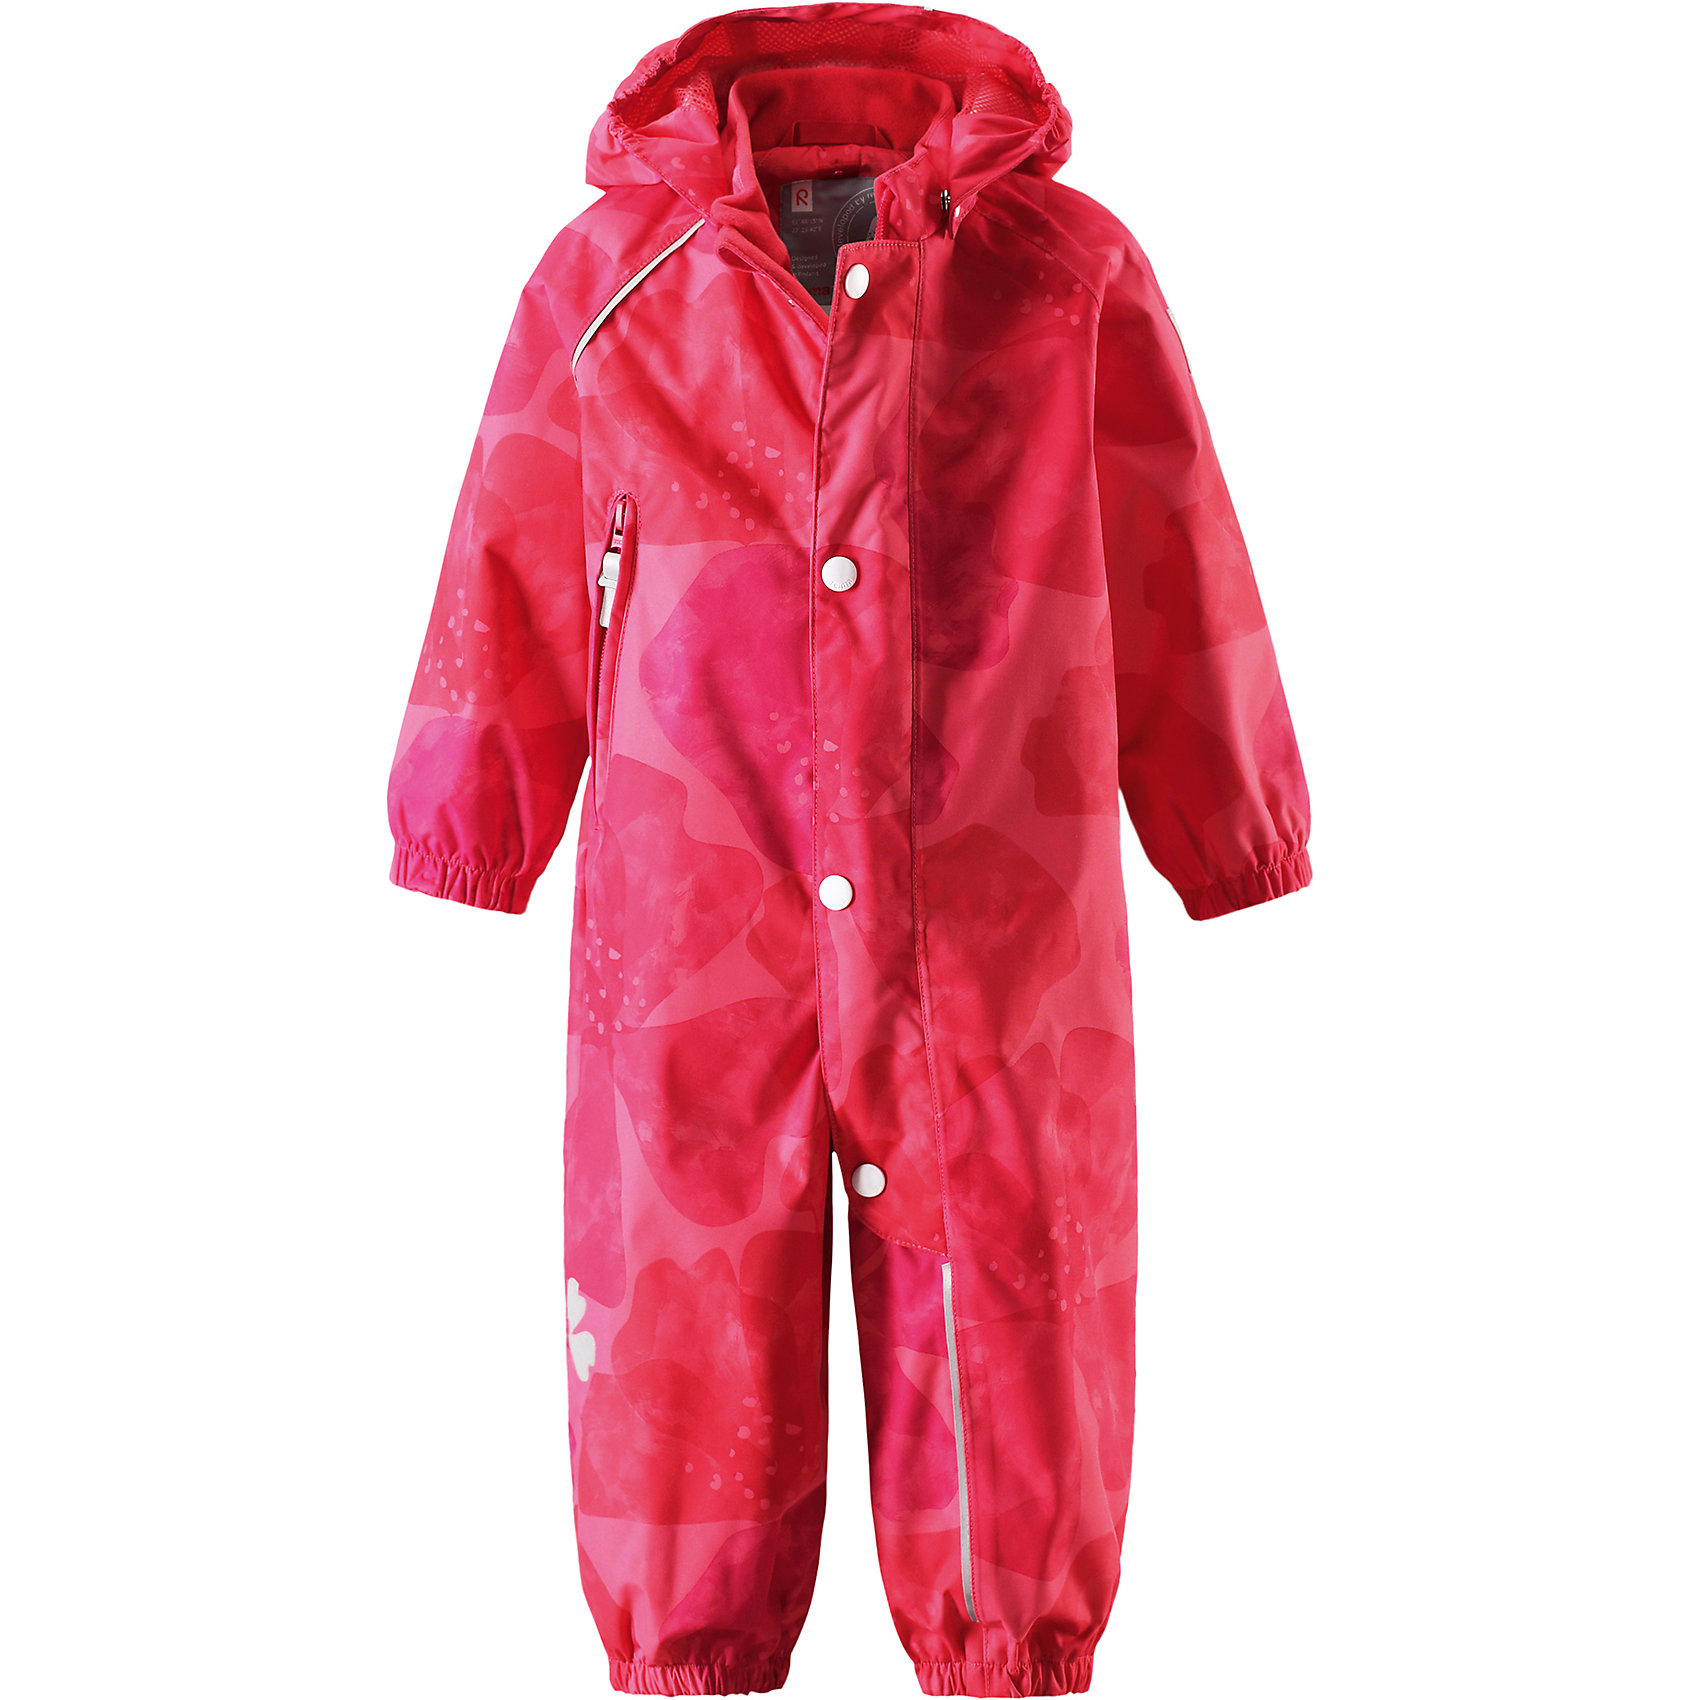 Комбинезон Nave для девочки Reimatec® ReimaОдежда<br>Характеристики товара:<br><br>• цвет: розовый/красный<br>• состав: 100% полиэстер, полиуретановое покрытие<br>• температурный режим: от +5°до +15°С<br>• водонепроницаемость: 15000 мм<br>• воздухопроницаемость: 5000 мм<br>• износостойкость: 35000 циклов (тест Мартиндейла)<br>• без утеплителя<br>• швы проклеены, водонепроницаемы<br>• водо- и ветронепроницаемый, дышащий, грязеотталкивающий материал<br>• гладкая подкладка из полиэстера по всему изделию, сетчатая подкладка на капюшоне<br>• безопасный съёмный каюшон<br>• прочные съёмные силиконовые штрипки<br>• длинная застёжка на молнии облегчает надевание<br>• эластичные манжеты<br>• карман на молнии<br>• комфортная посадка<br>• страна производства: Китай<br>• страна бренда: Финляндия<br>• коллекция: весна-лето 2017<br><br>Верхняя одежда для детей может быть модной и комфортной одновременно! Демисезонный комбинезон поможет обеспечить ребенку комфорт и тепло. Он отлично смотрится с различной обувью. Изделие удобно сидит и модно выглядит. Материал - прочный, хорошо подходящий для межсезонья, водо- и ветронепроницаемый, «дышащий». Стильный дизайн разрабатывался специально для детей.<br><br>Одежда и обувь от финского бренда Reima пользуется популярностью во многих странах. Эти изделия стильные, качественные и удобные. Для производства продукции используются только безопасные, проверенные материалы и фурнитура. Порадуйте ребенка модными и красивыми вещами от Reima! <br><br>Комбинезон для девочки Reimatec® от финского бренда Reima (Рейма) можно купить в нашем интернет-магазине.<br><br>Ширина мм: 356<br>Глубина мм: 10<br>Высота мм: 245<br>Вес г: 519<br>Цвет: розовый<br>Возраст от месяцев: 12<br>Возраст до месяцев: 15<br>Пол: Женский<br>Возраст: Детский<br>Размер: 80,86,92,74,98<br>SKU: 5265634